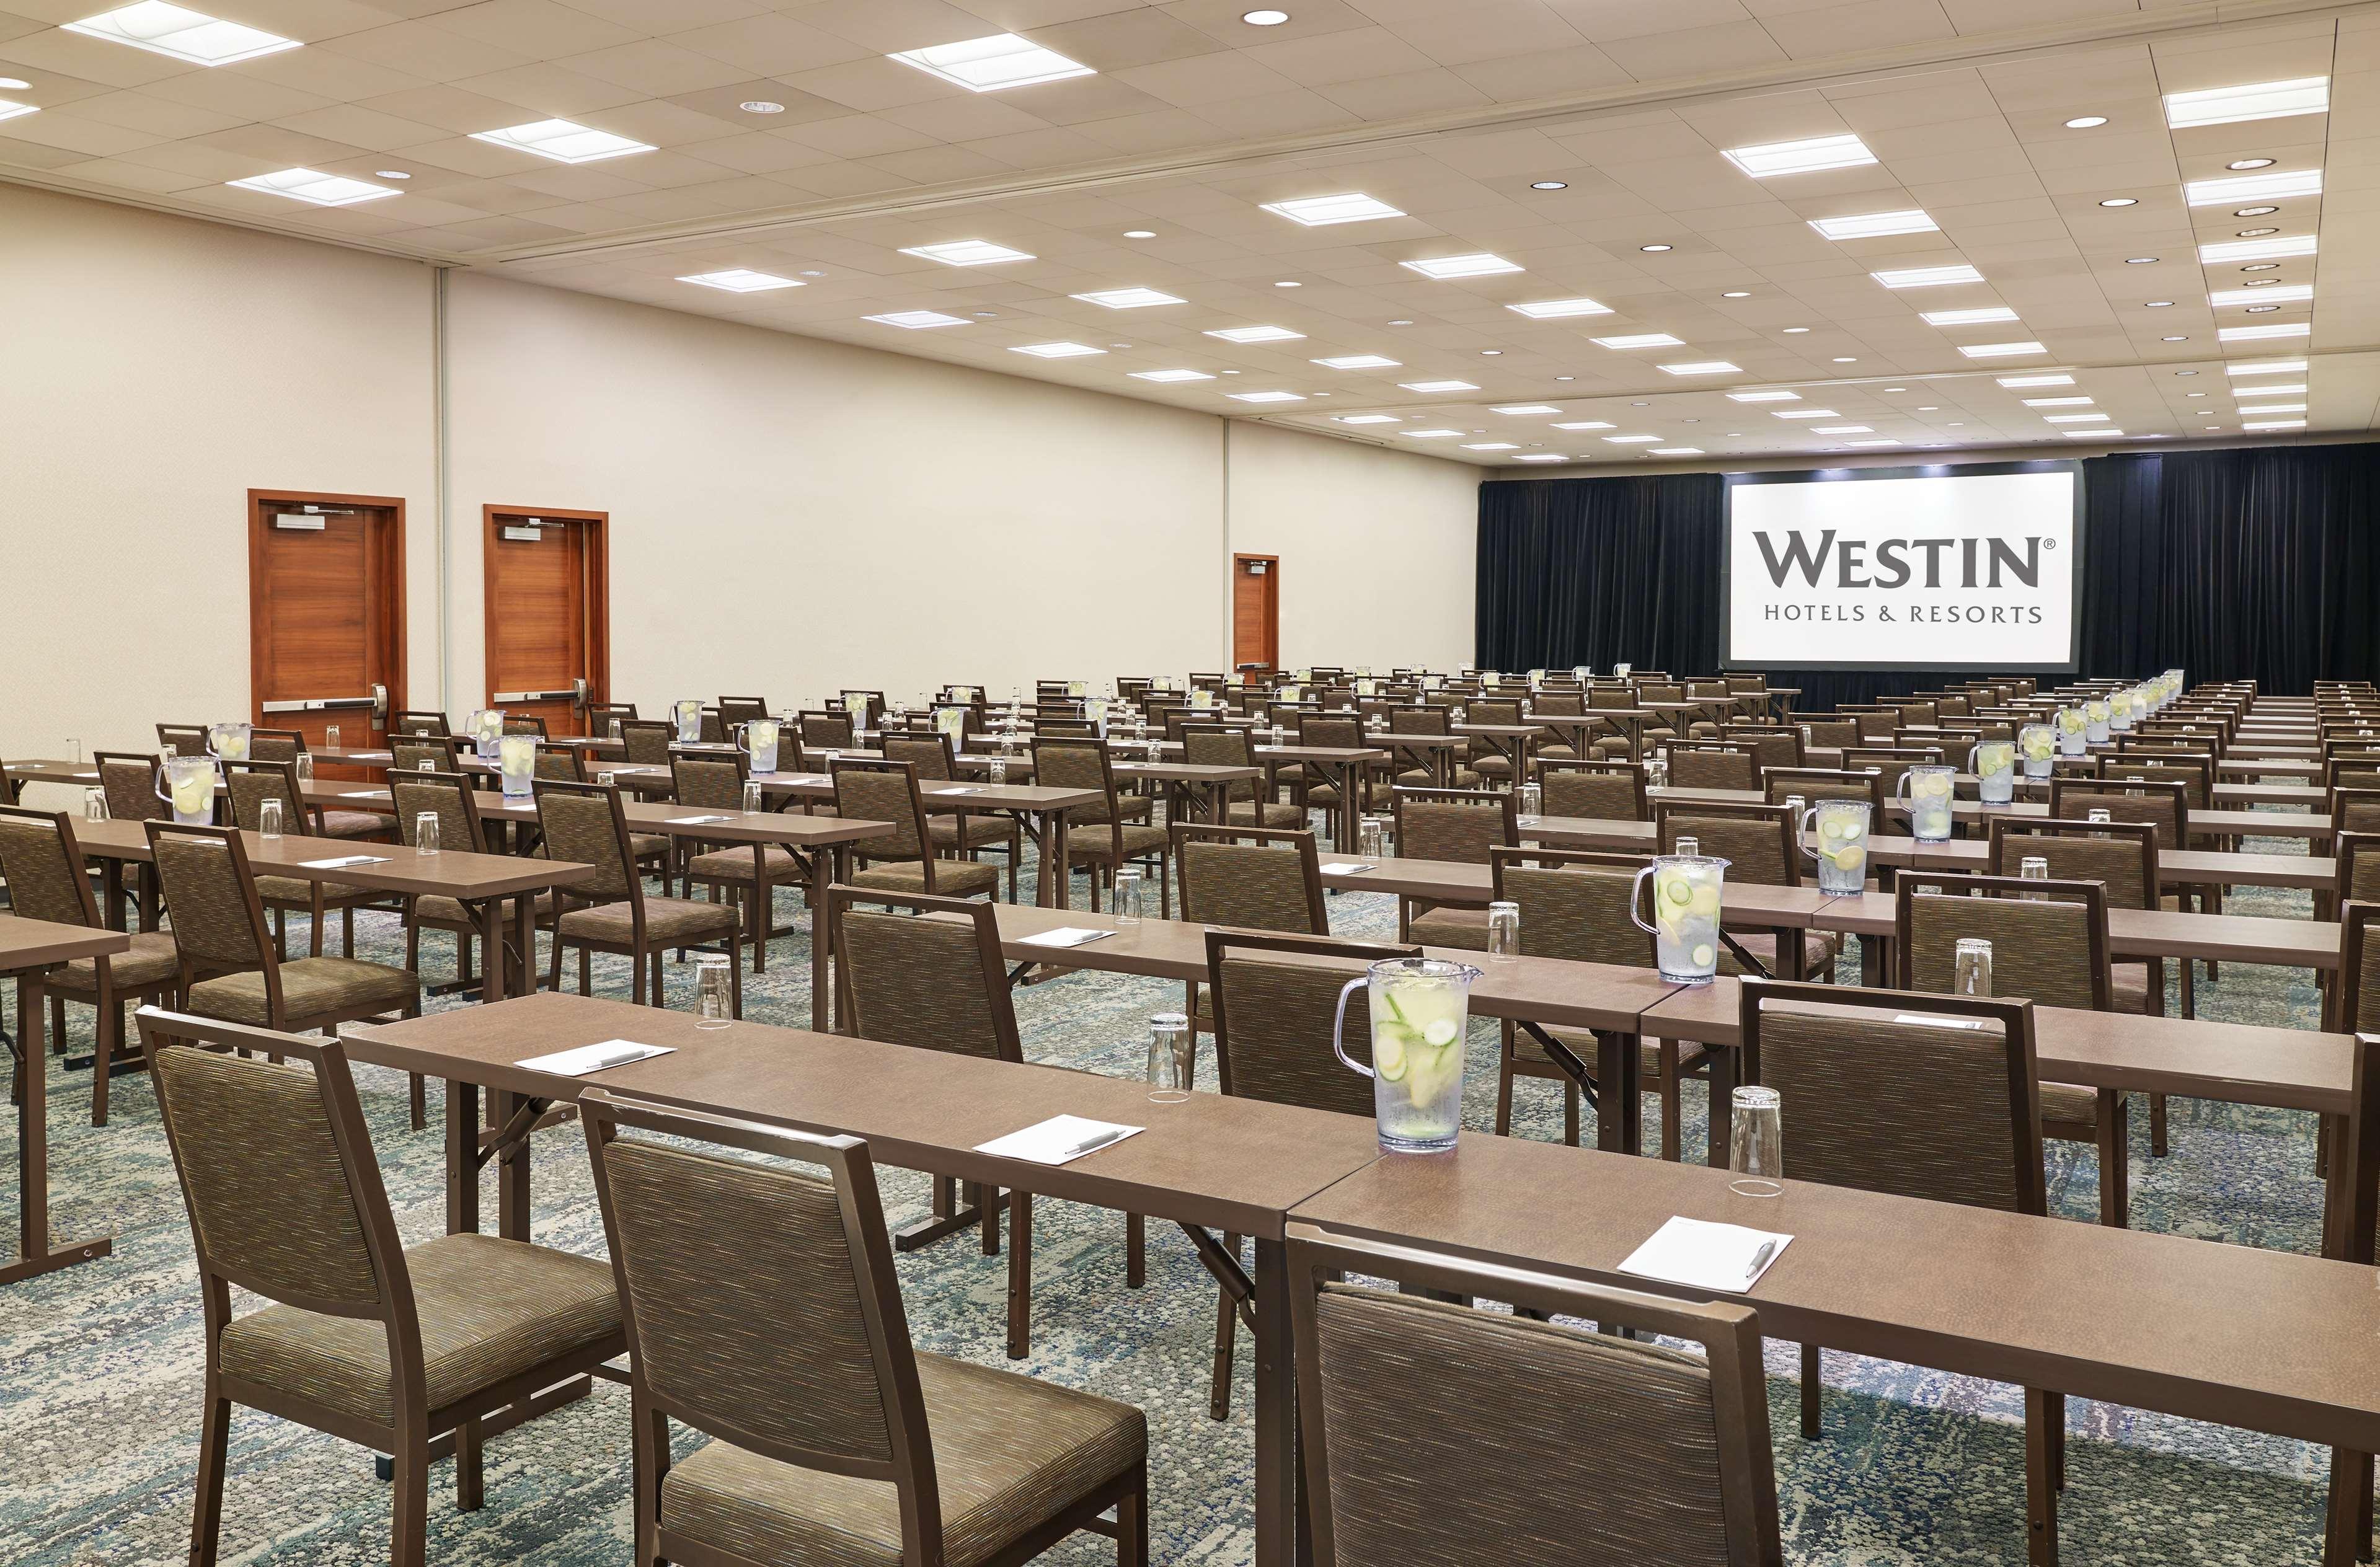 The Westin Galleria Dallas image 23